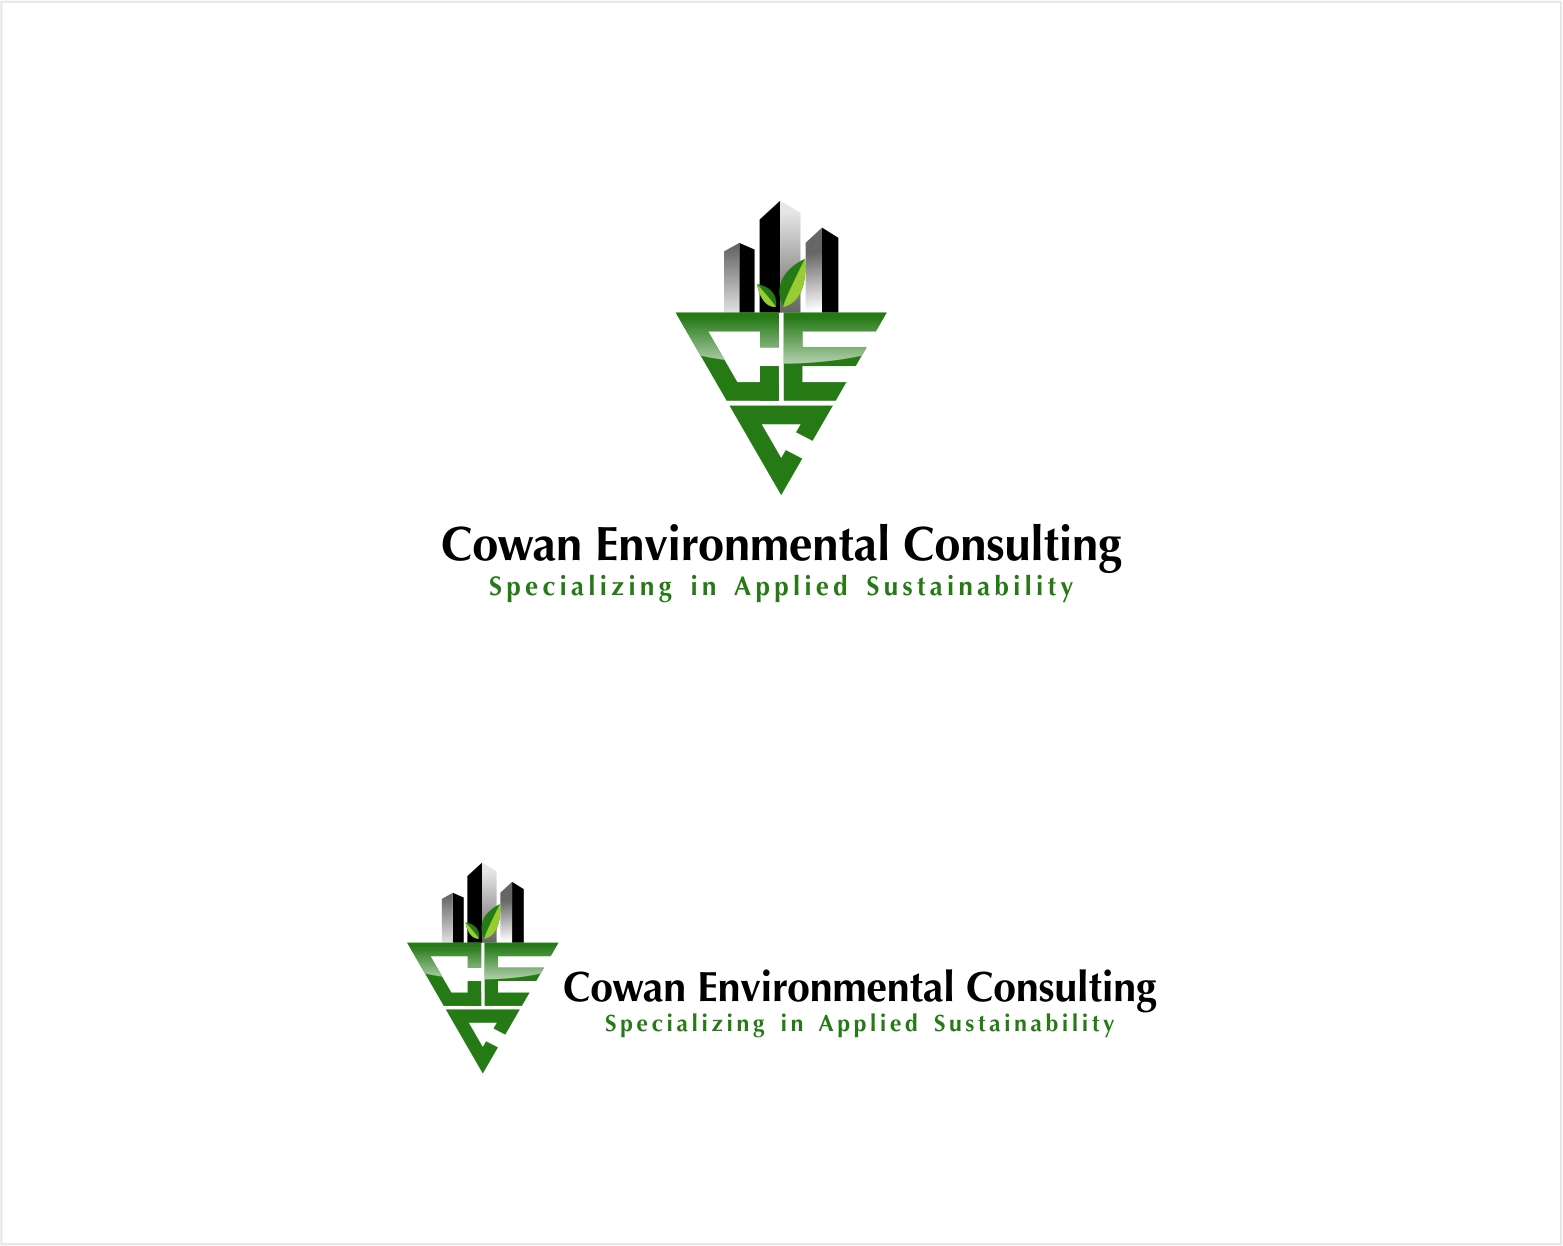 Logo Design by haidu - Entry No. 25 in the Logo Design Contest Fun Logo Design for Cowan Environmental Consulting.